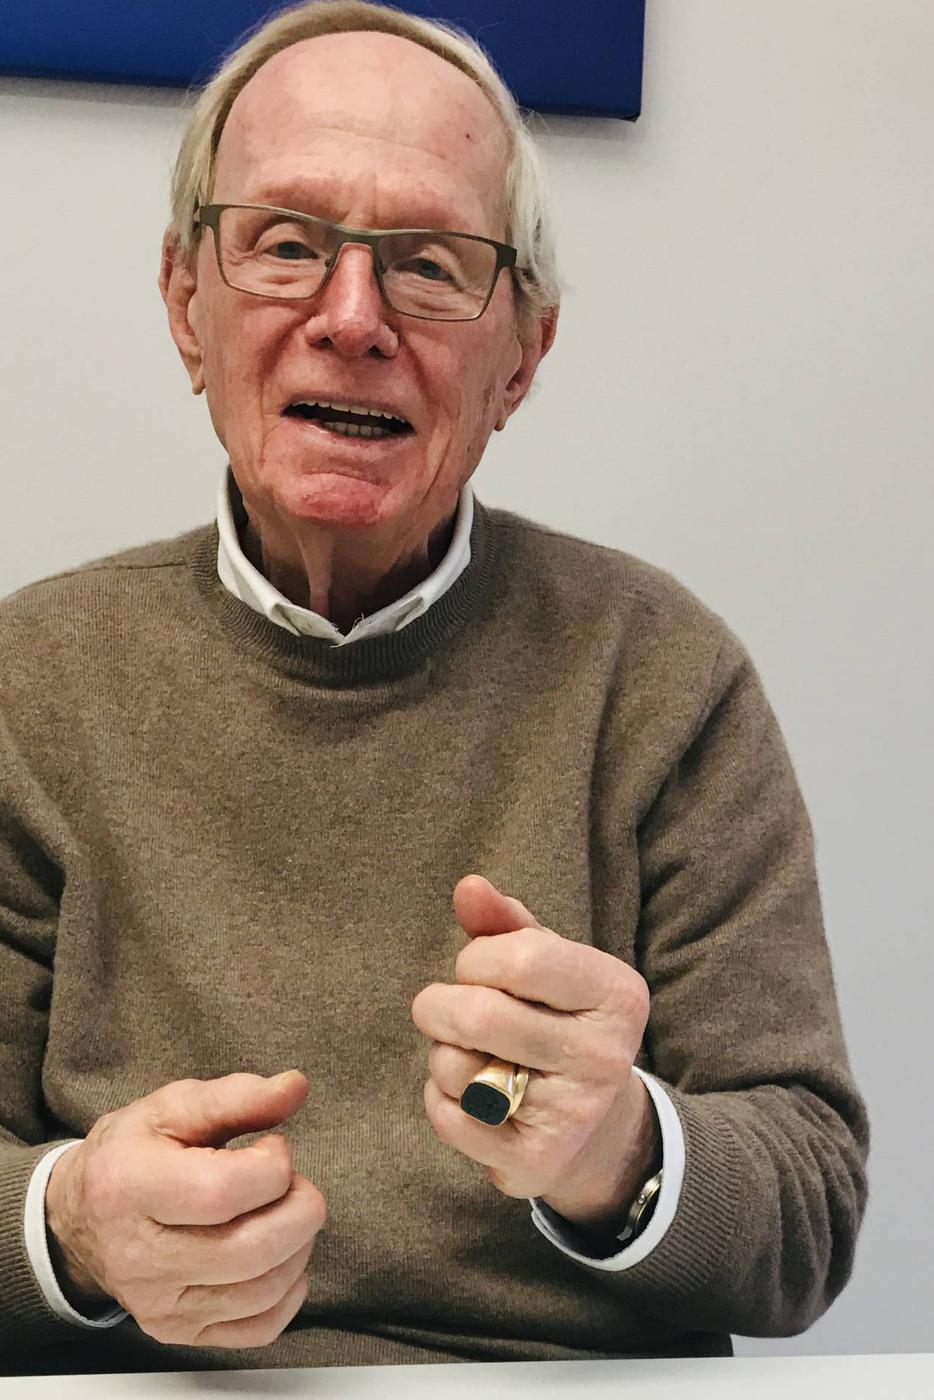 Peter Wien, war jahrelang Vorsitzender des Forum Zukunft in Baden-Baden und ehemaliger und erster Chefredakteur von arte